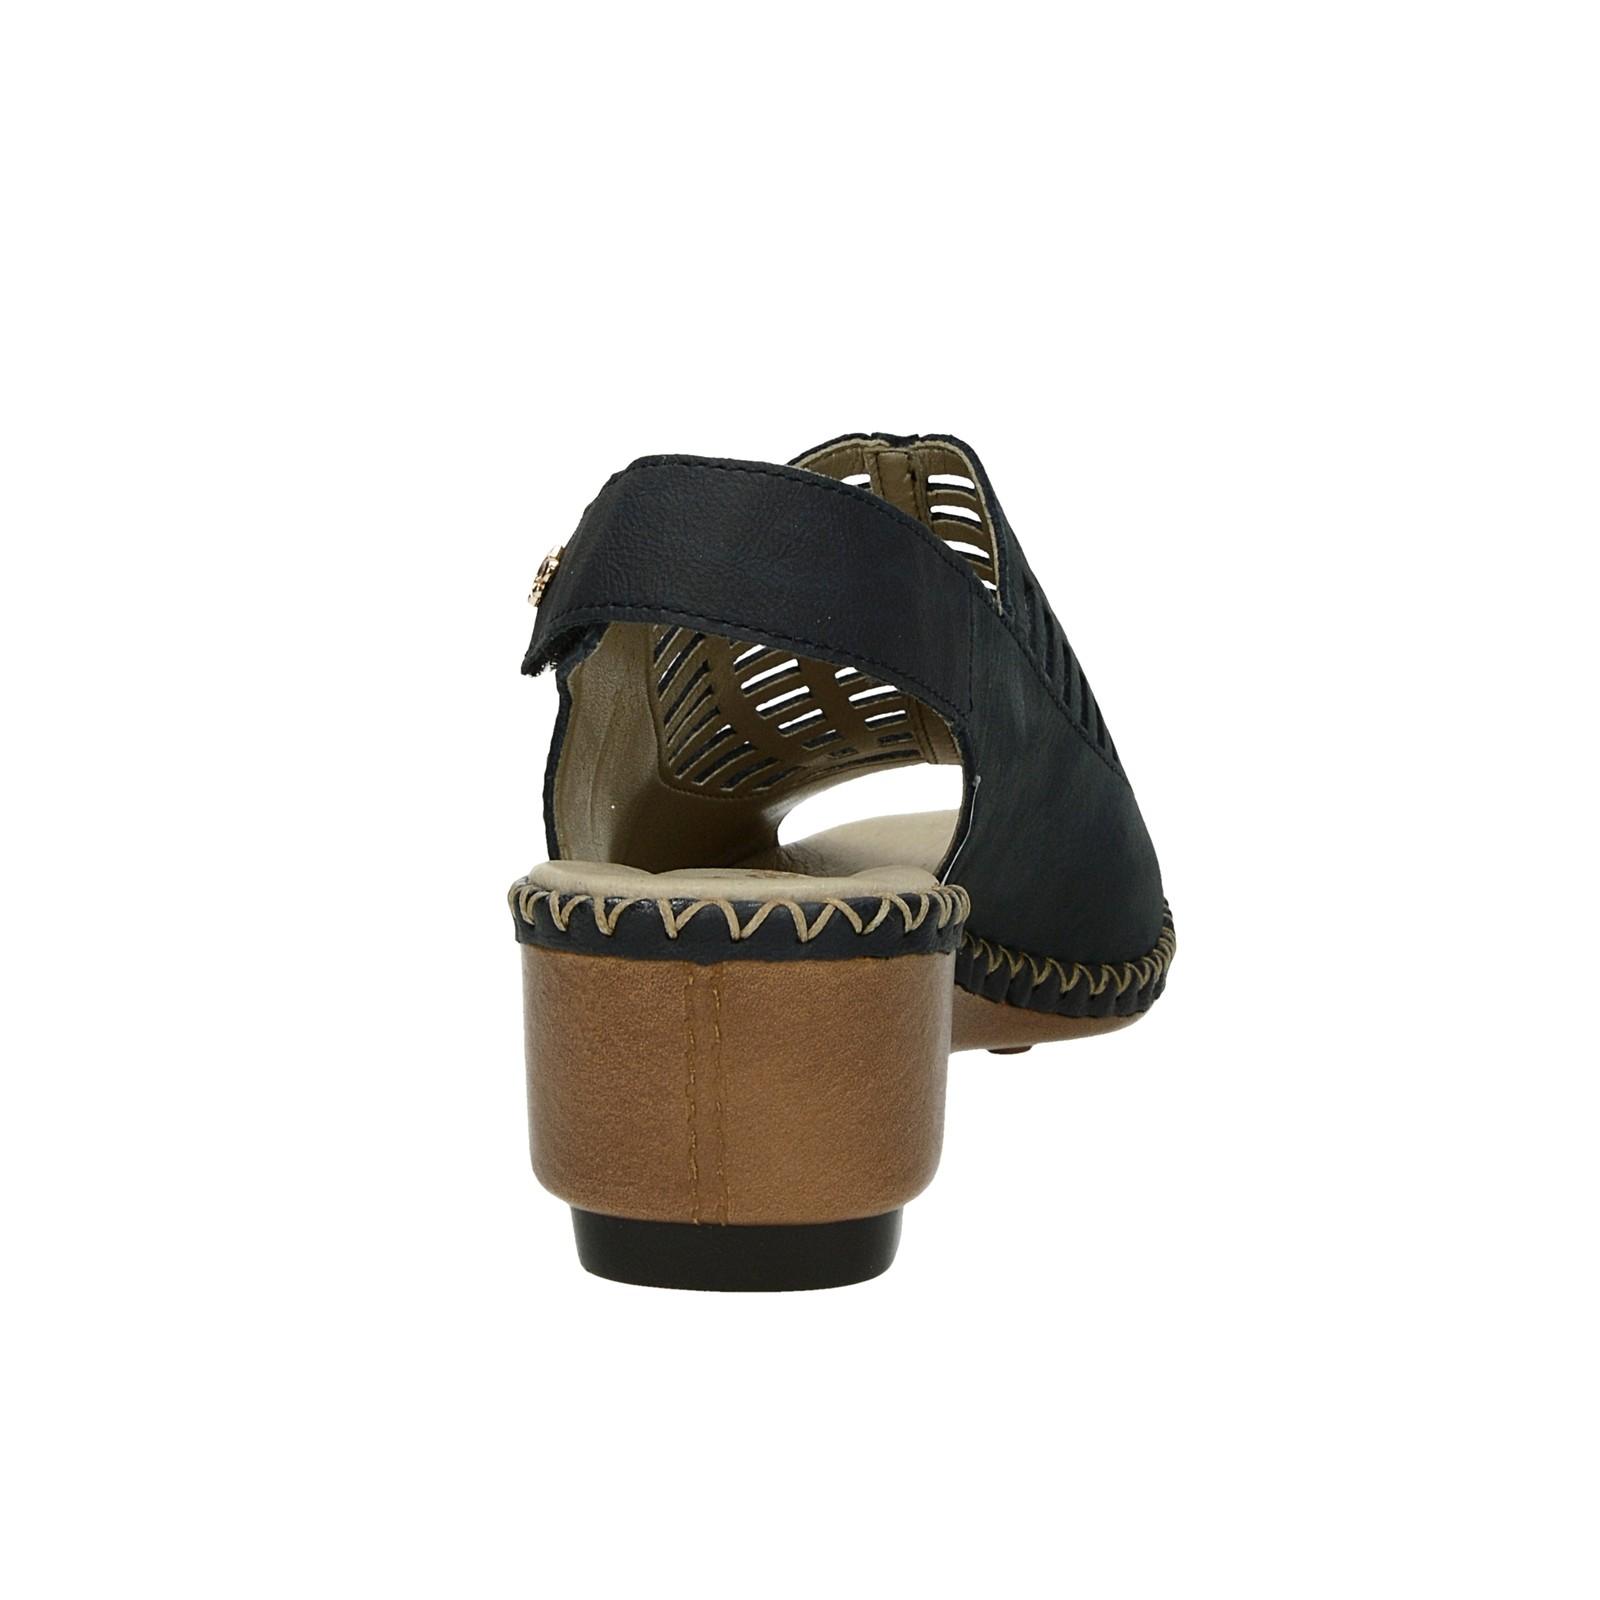 2d83ba38f542a Rieker dámske nubukové perforované sandále - tmavomodré | 6615714 ...